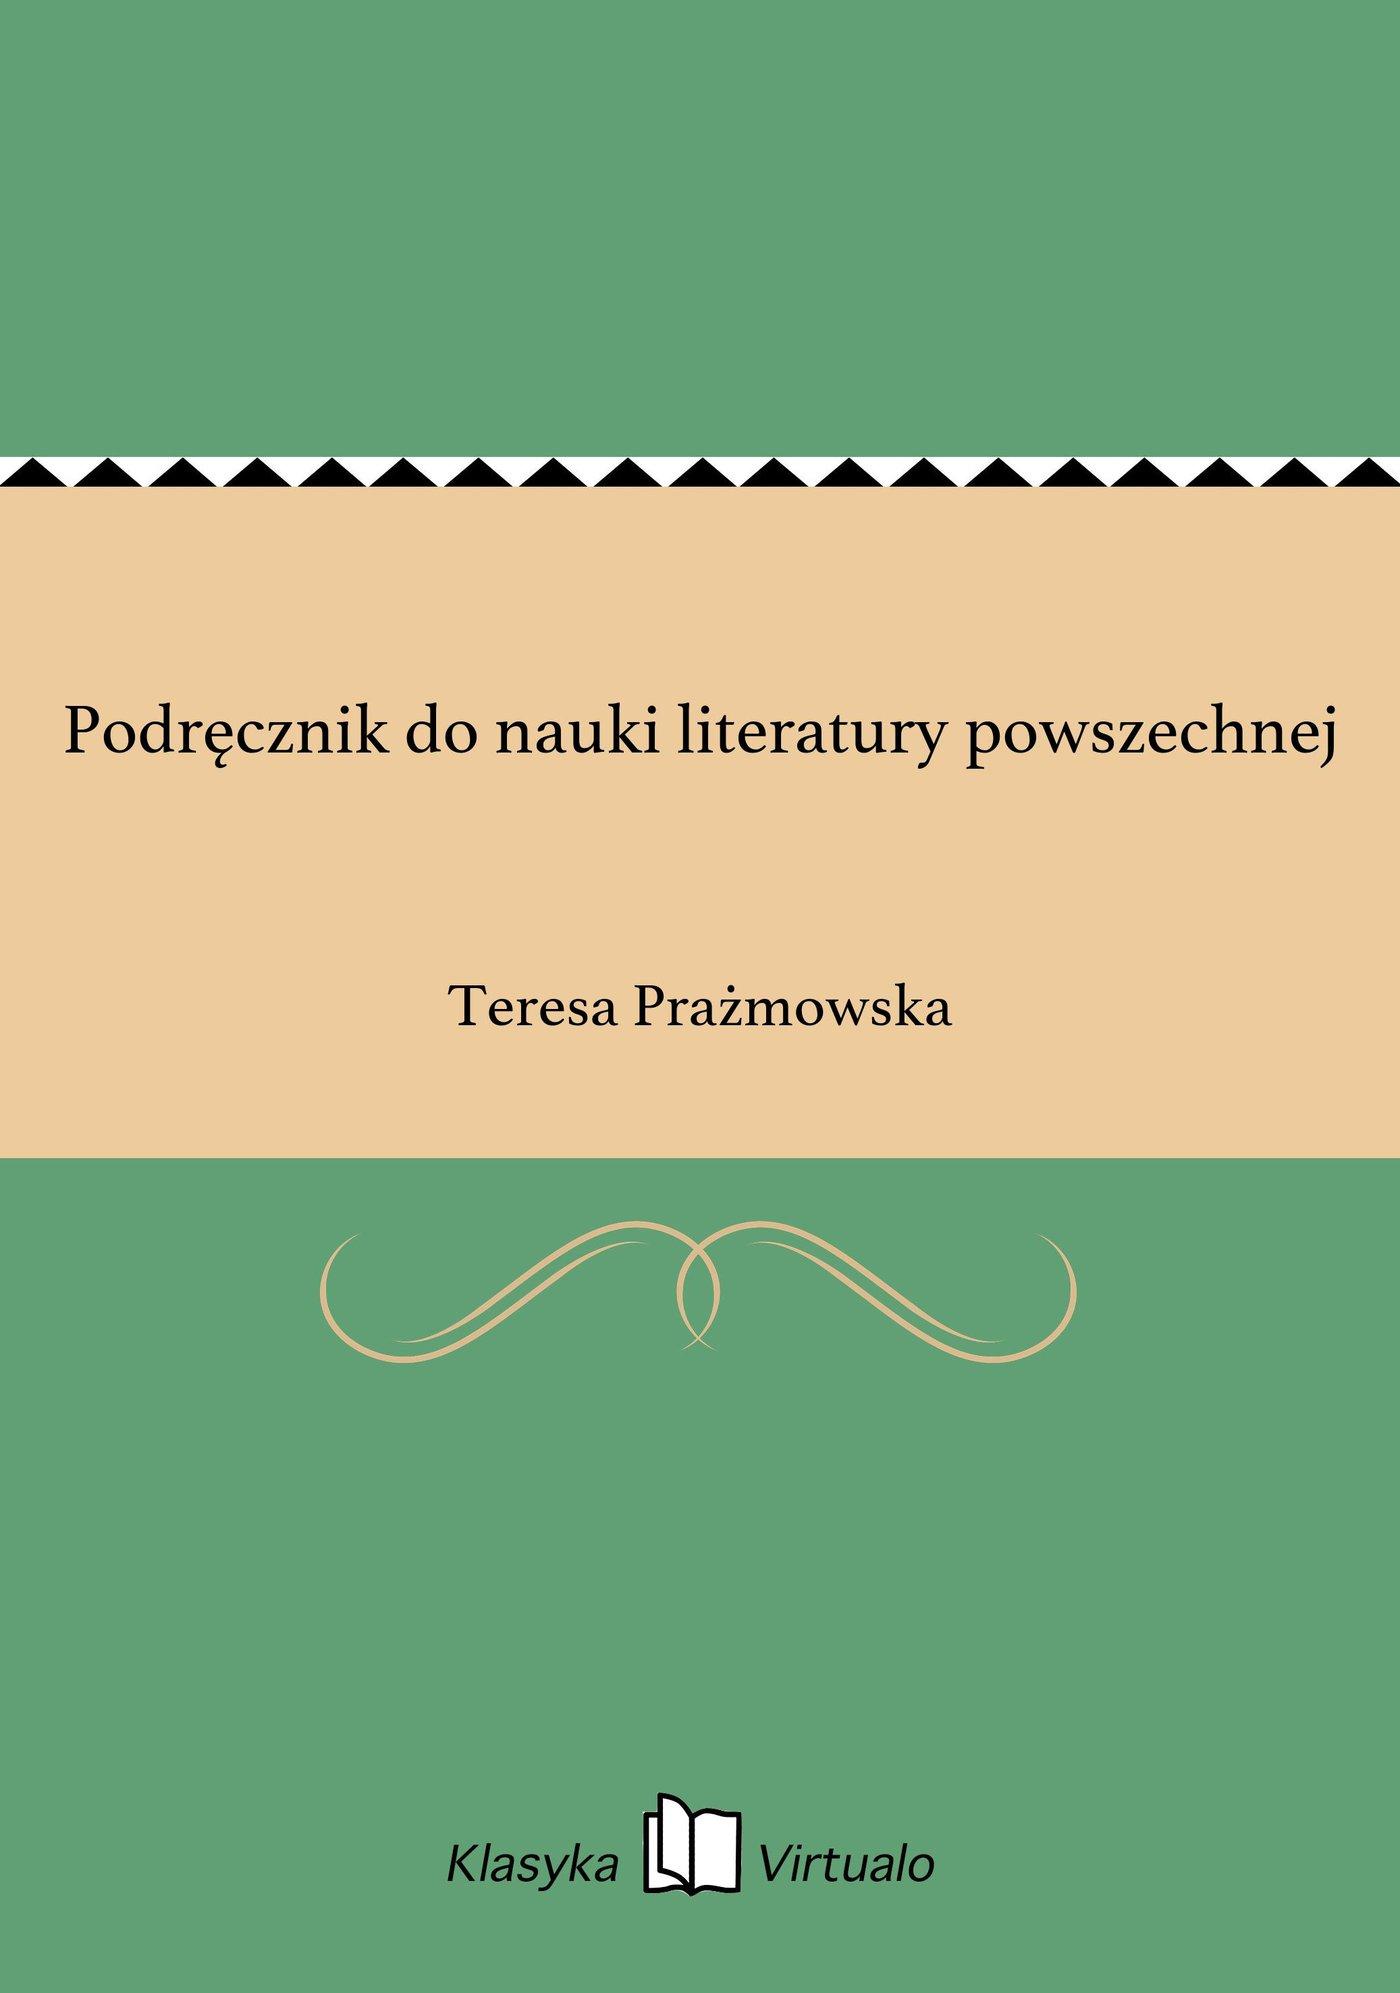 Podręcznik do nauki literatury powszechnej - Ebook (Książka EPUB) do pobrania w formacie EPUB